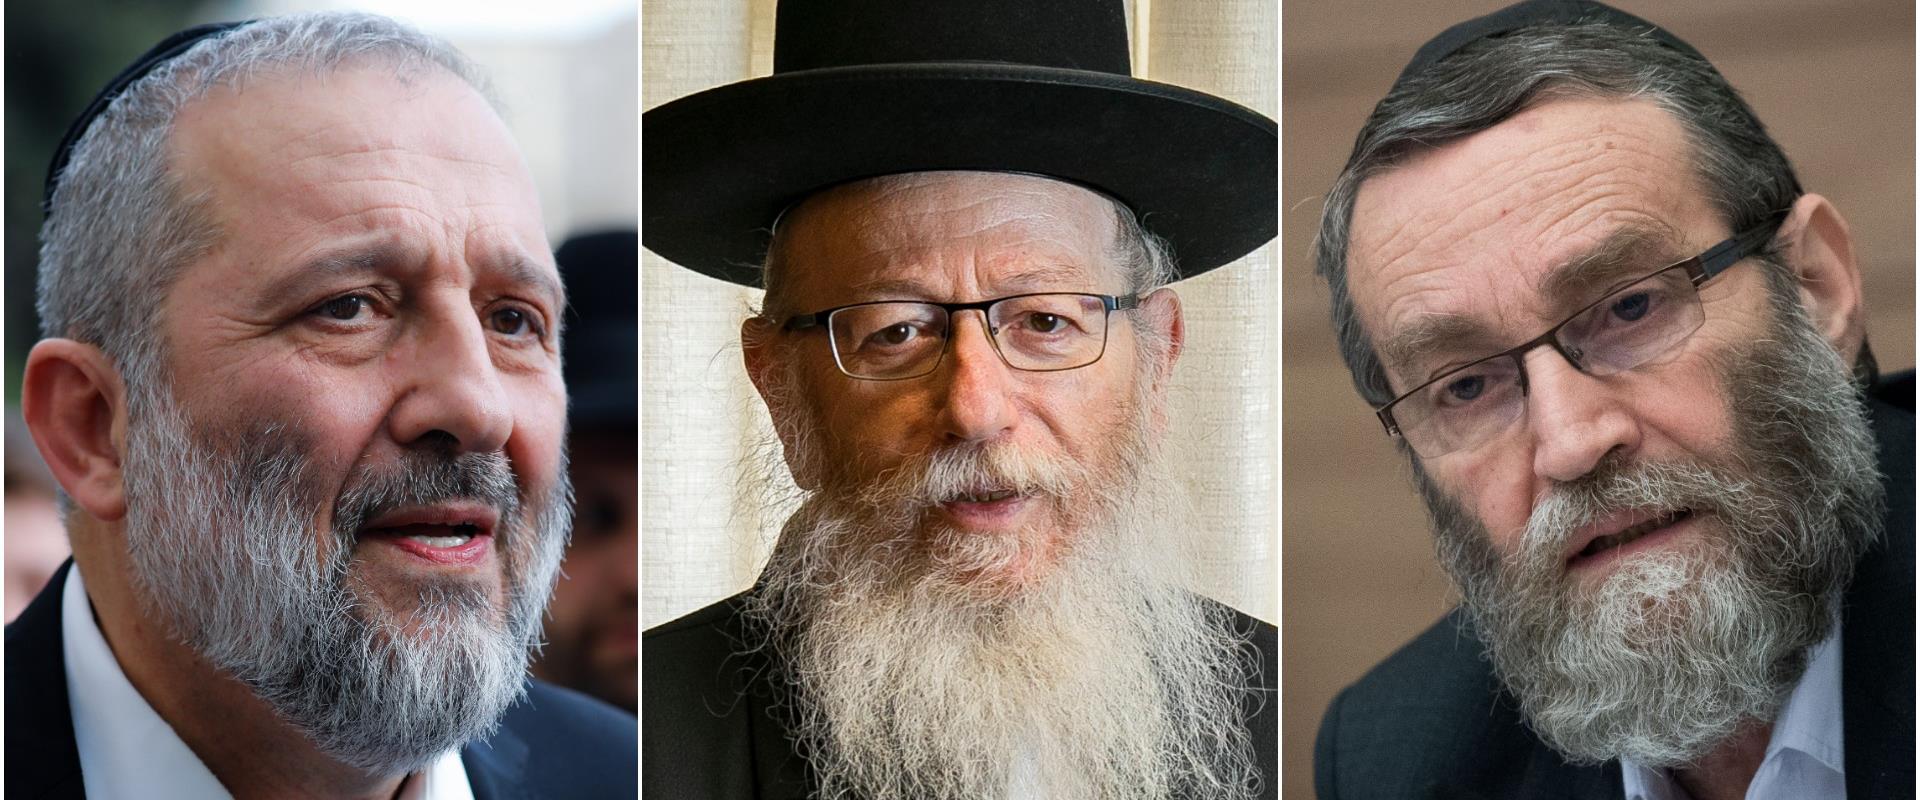 משה גפני, יעקב ליצמן, אריה דרעי